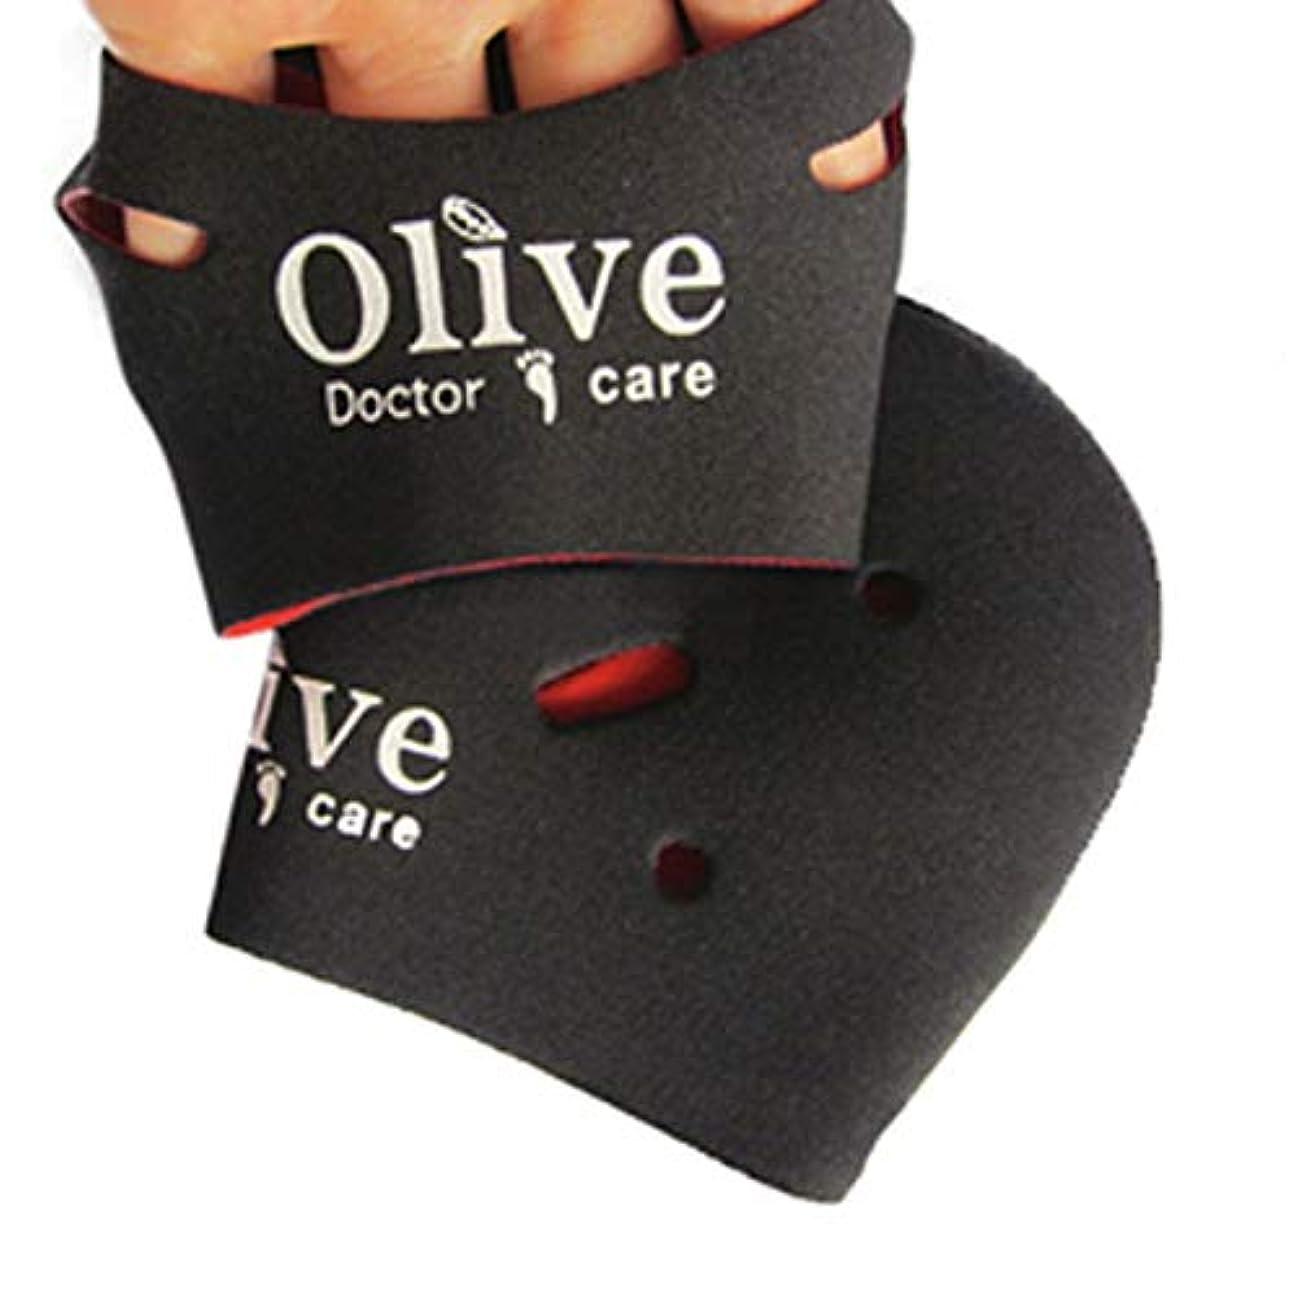 行く列車ピッチャー[NICE-SHOP]かかとケア靴下 Olive Doctor Care